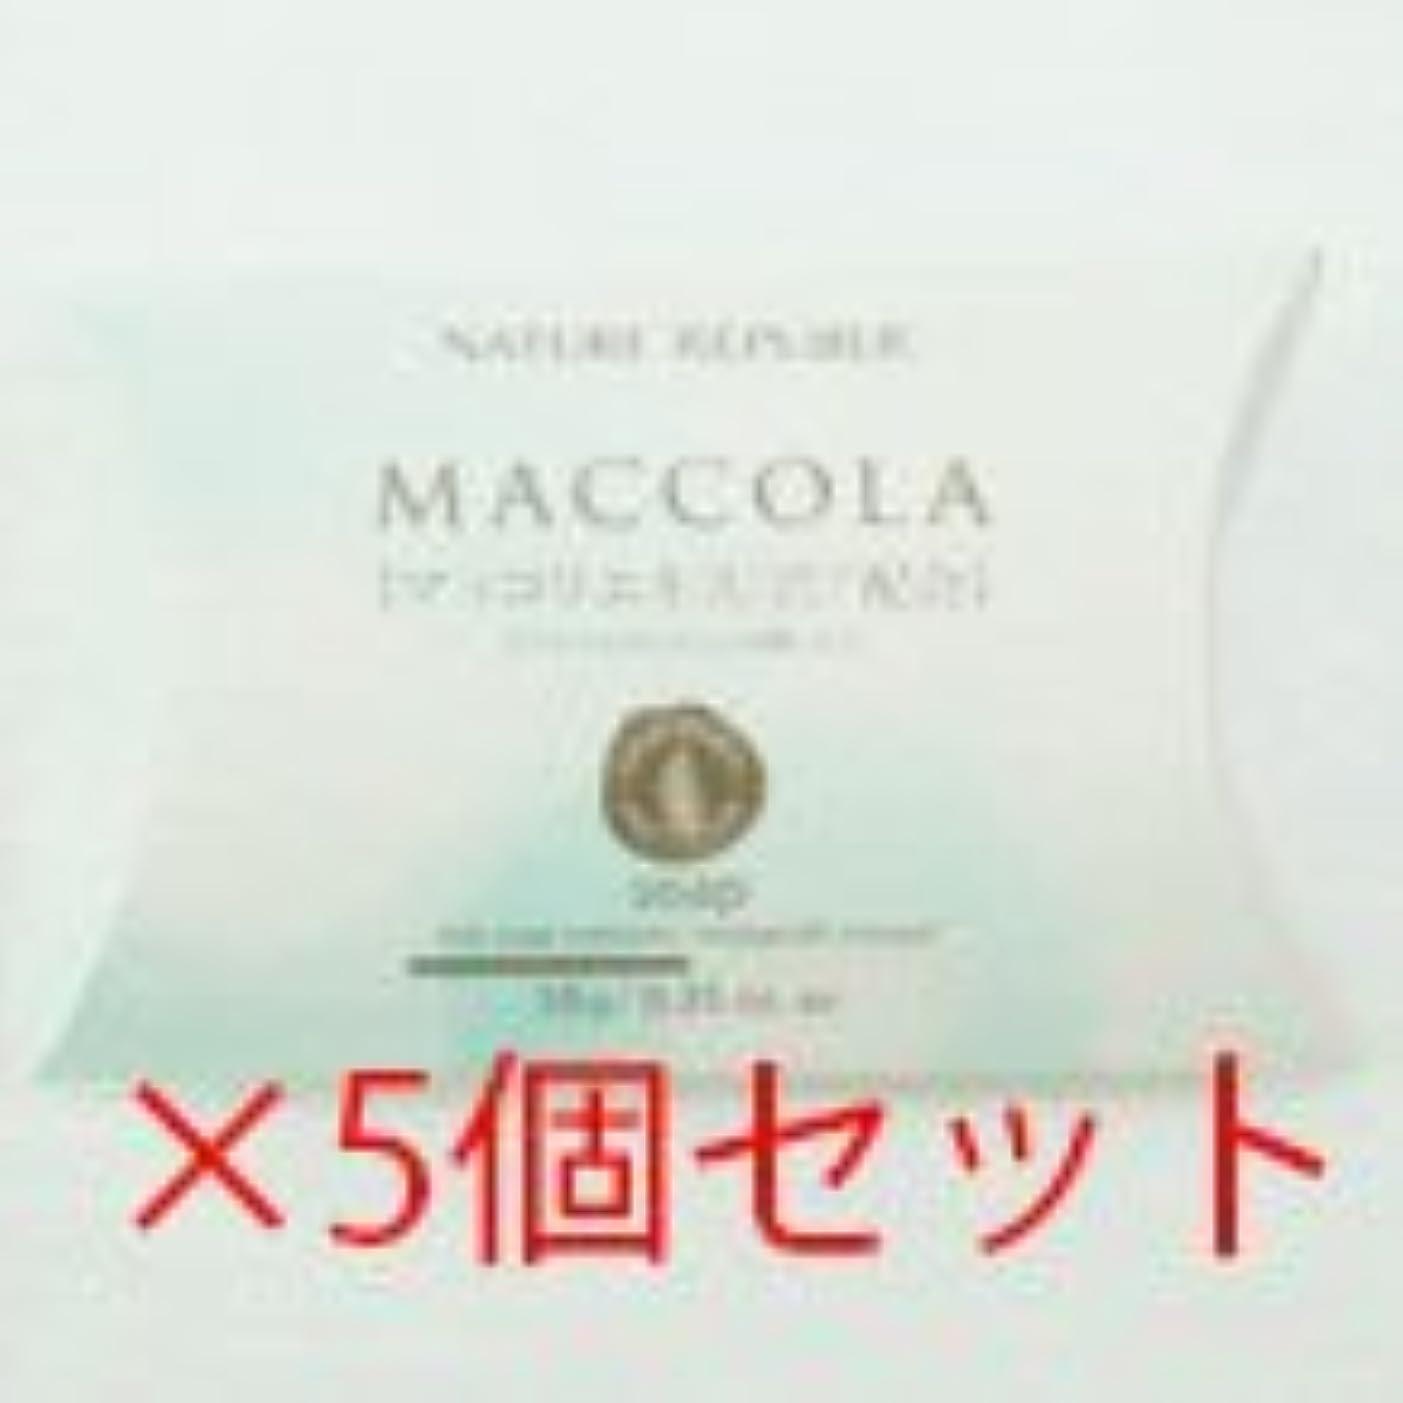 鉄道駅トライアスリートリアルネイチャーリパブリック NATURE REPUBLIC (正規品) ネイチャーリパブリック マッコラ ソープ 10g×5